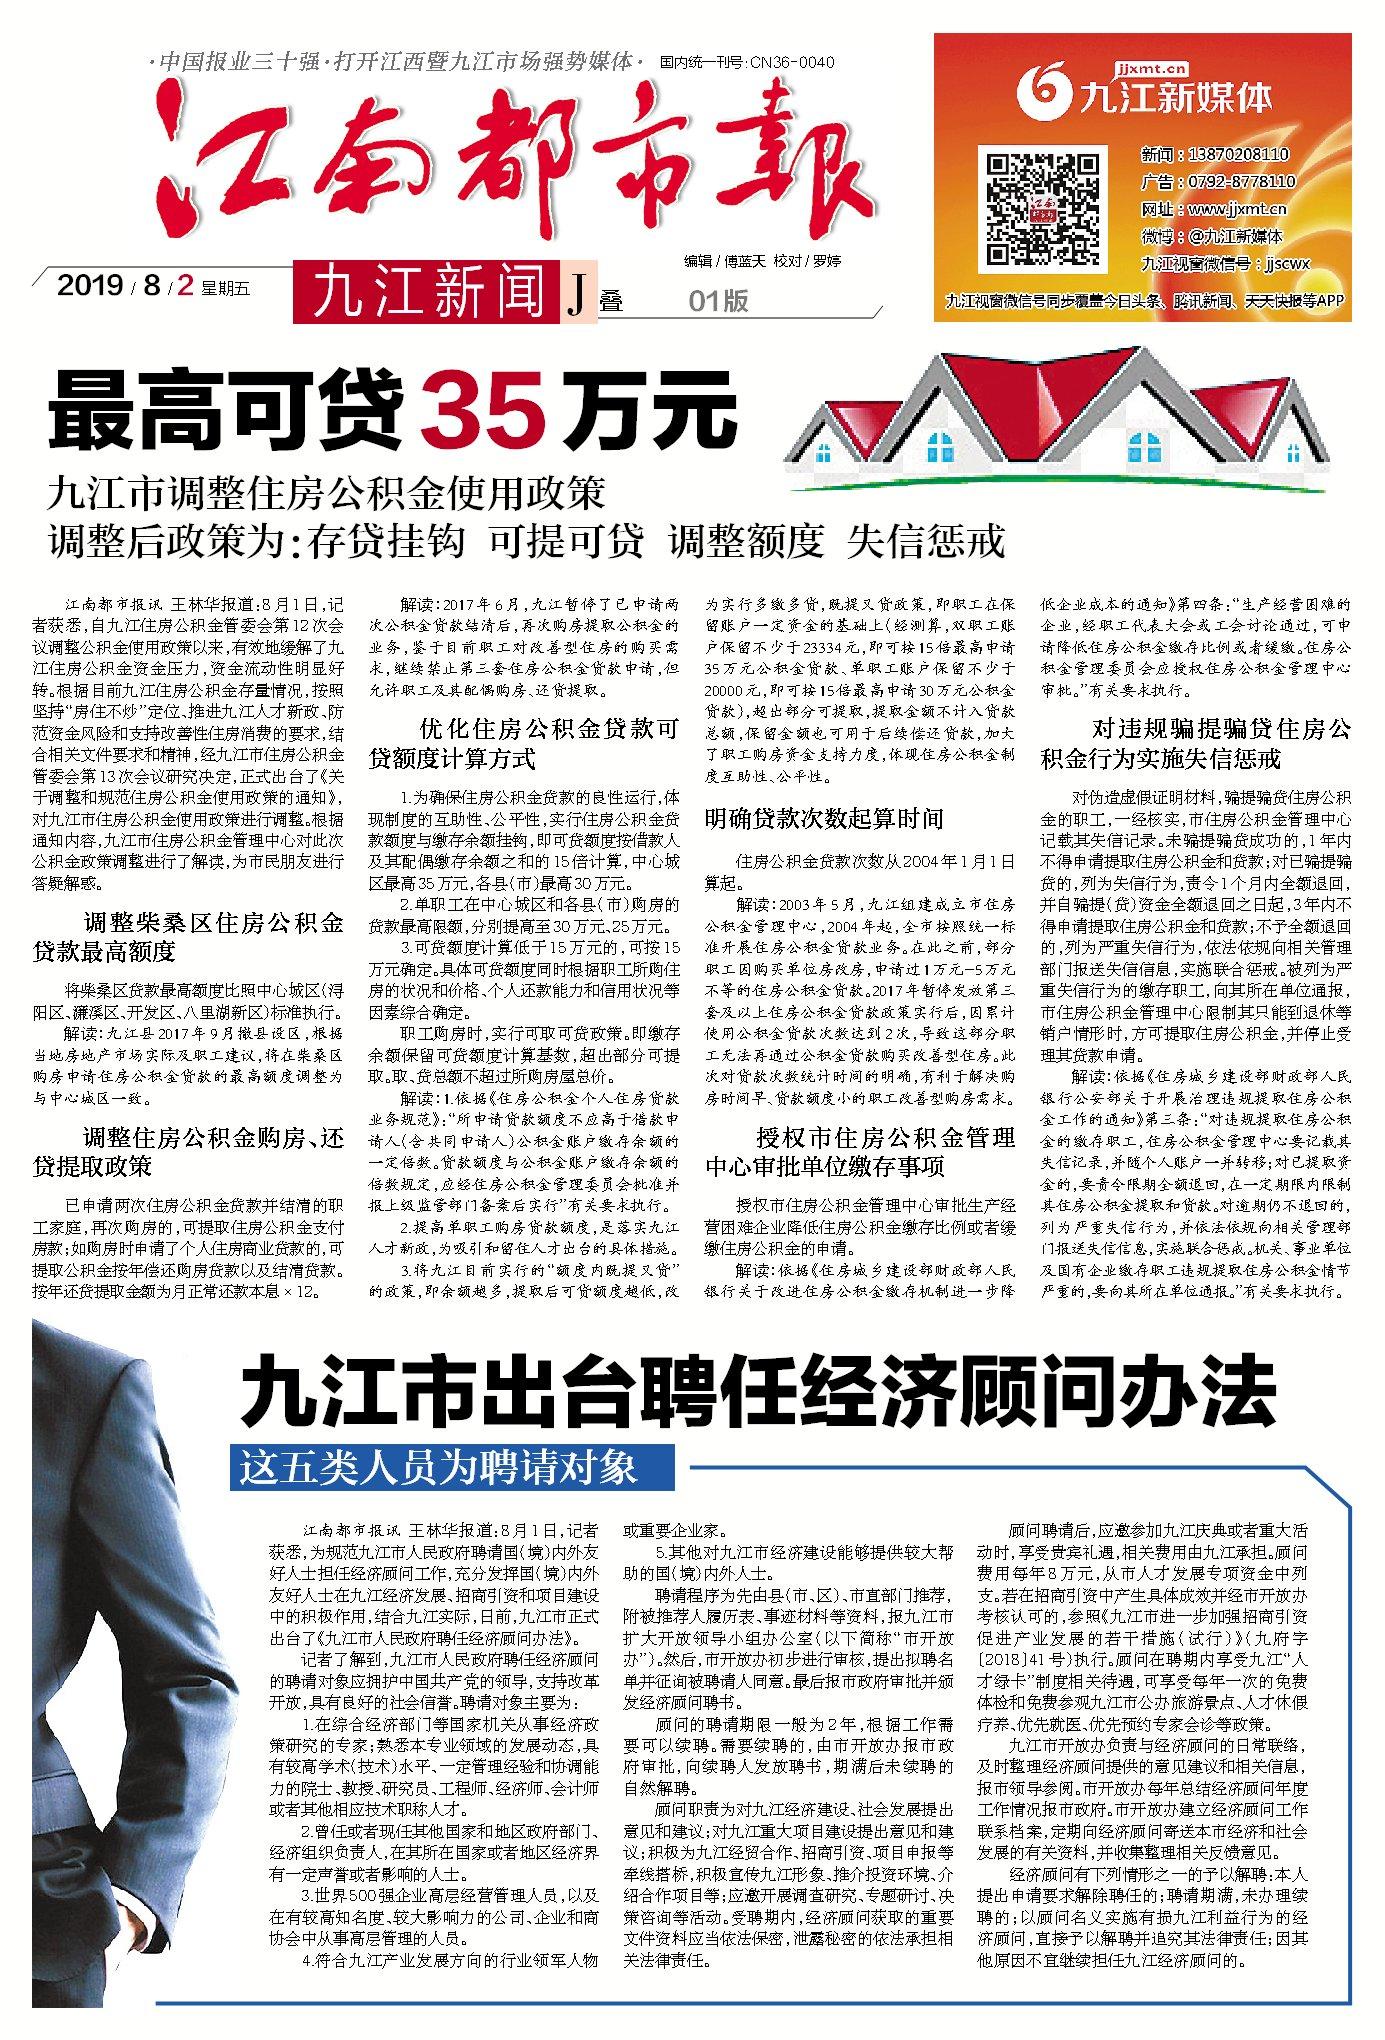 2019年 8月2日江南都市报《亚博体育app苹果新闻》头版